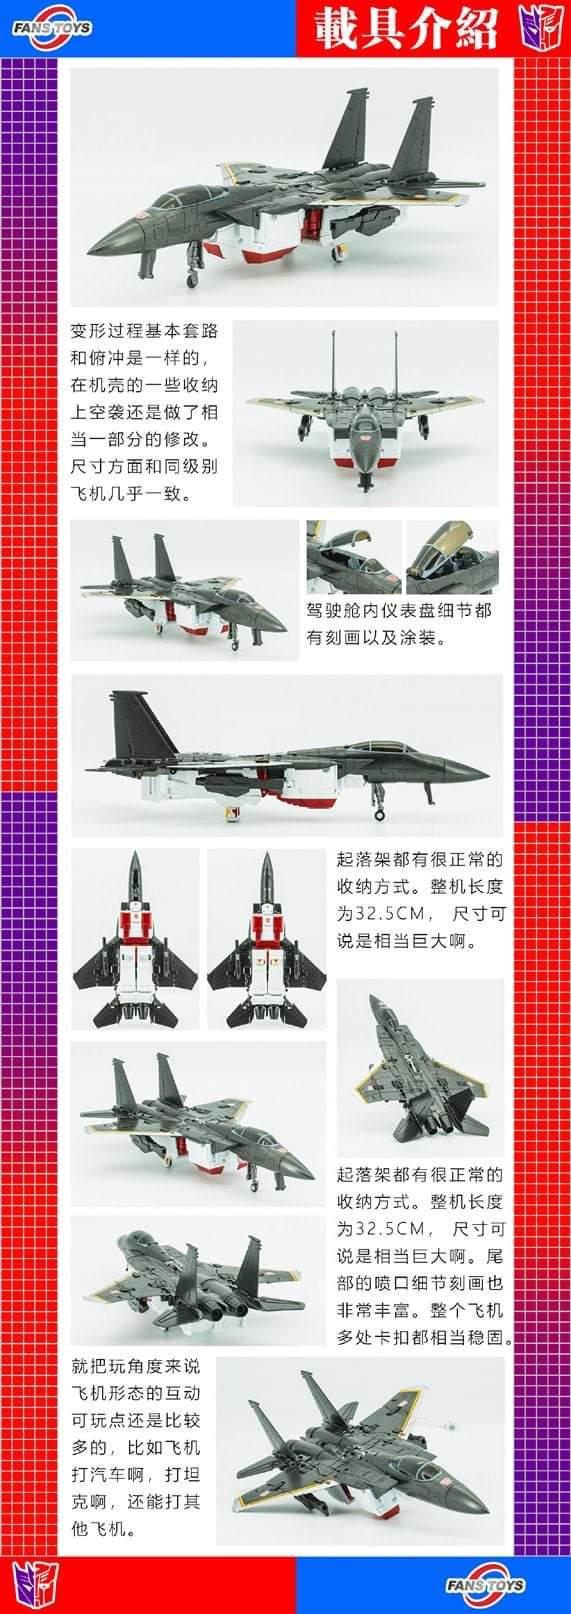 [Fanstoys] Produit Tiers - Jouet FT-30 Ethereaon (FT-30A à FT-30E) - aka Superion - Page 4 XFROZLt2_o